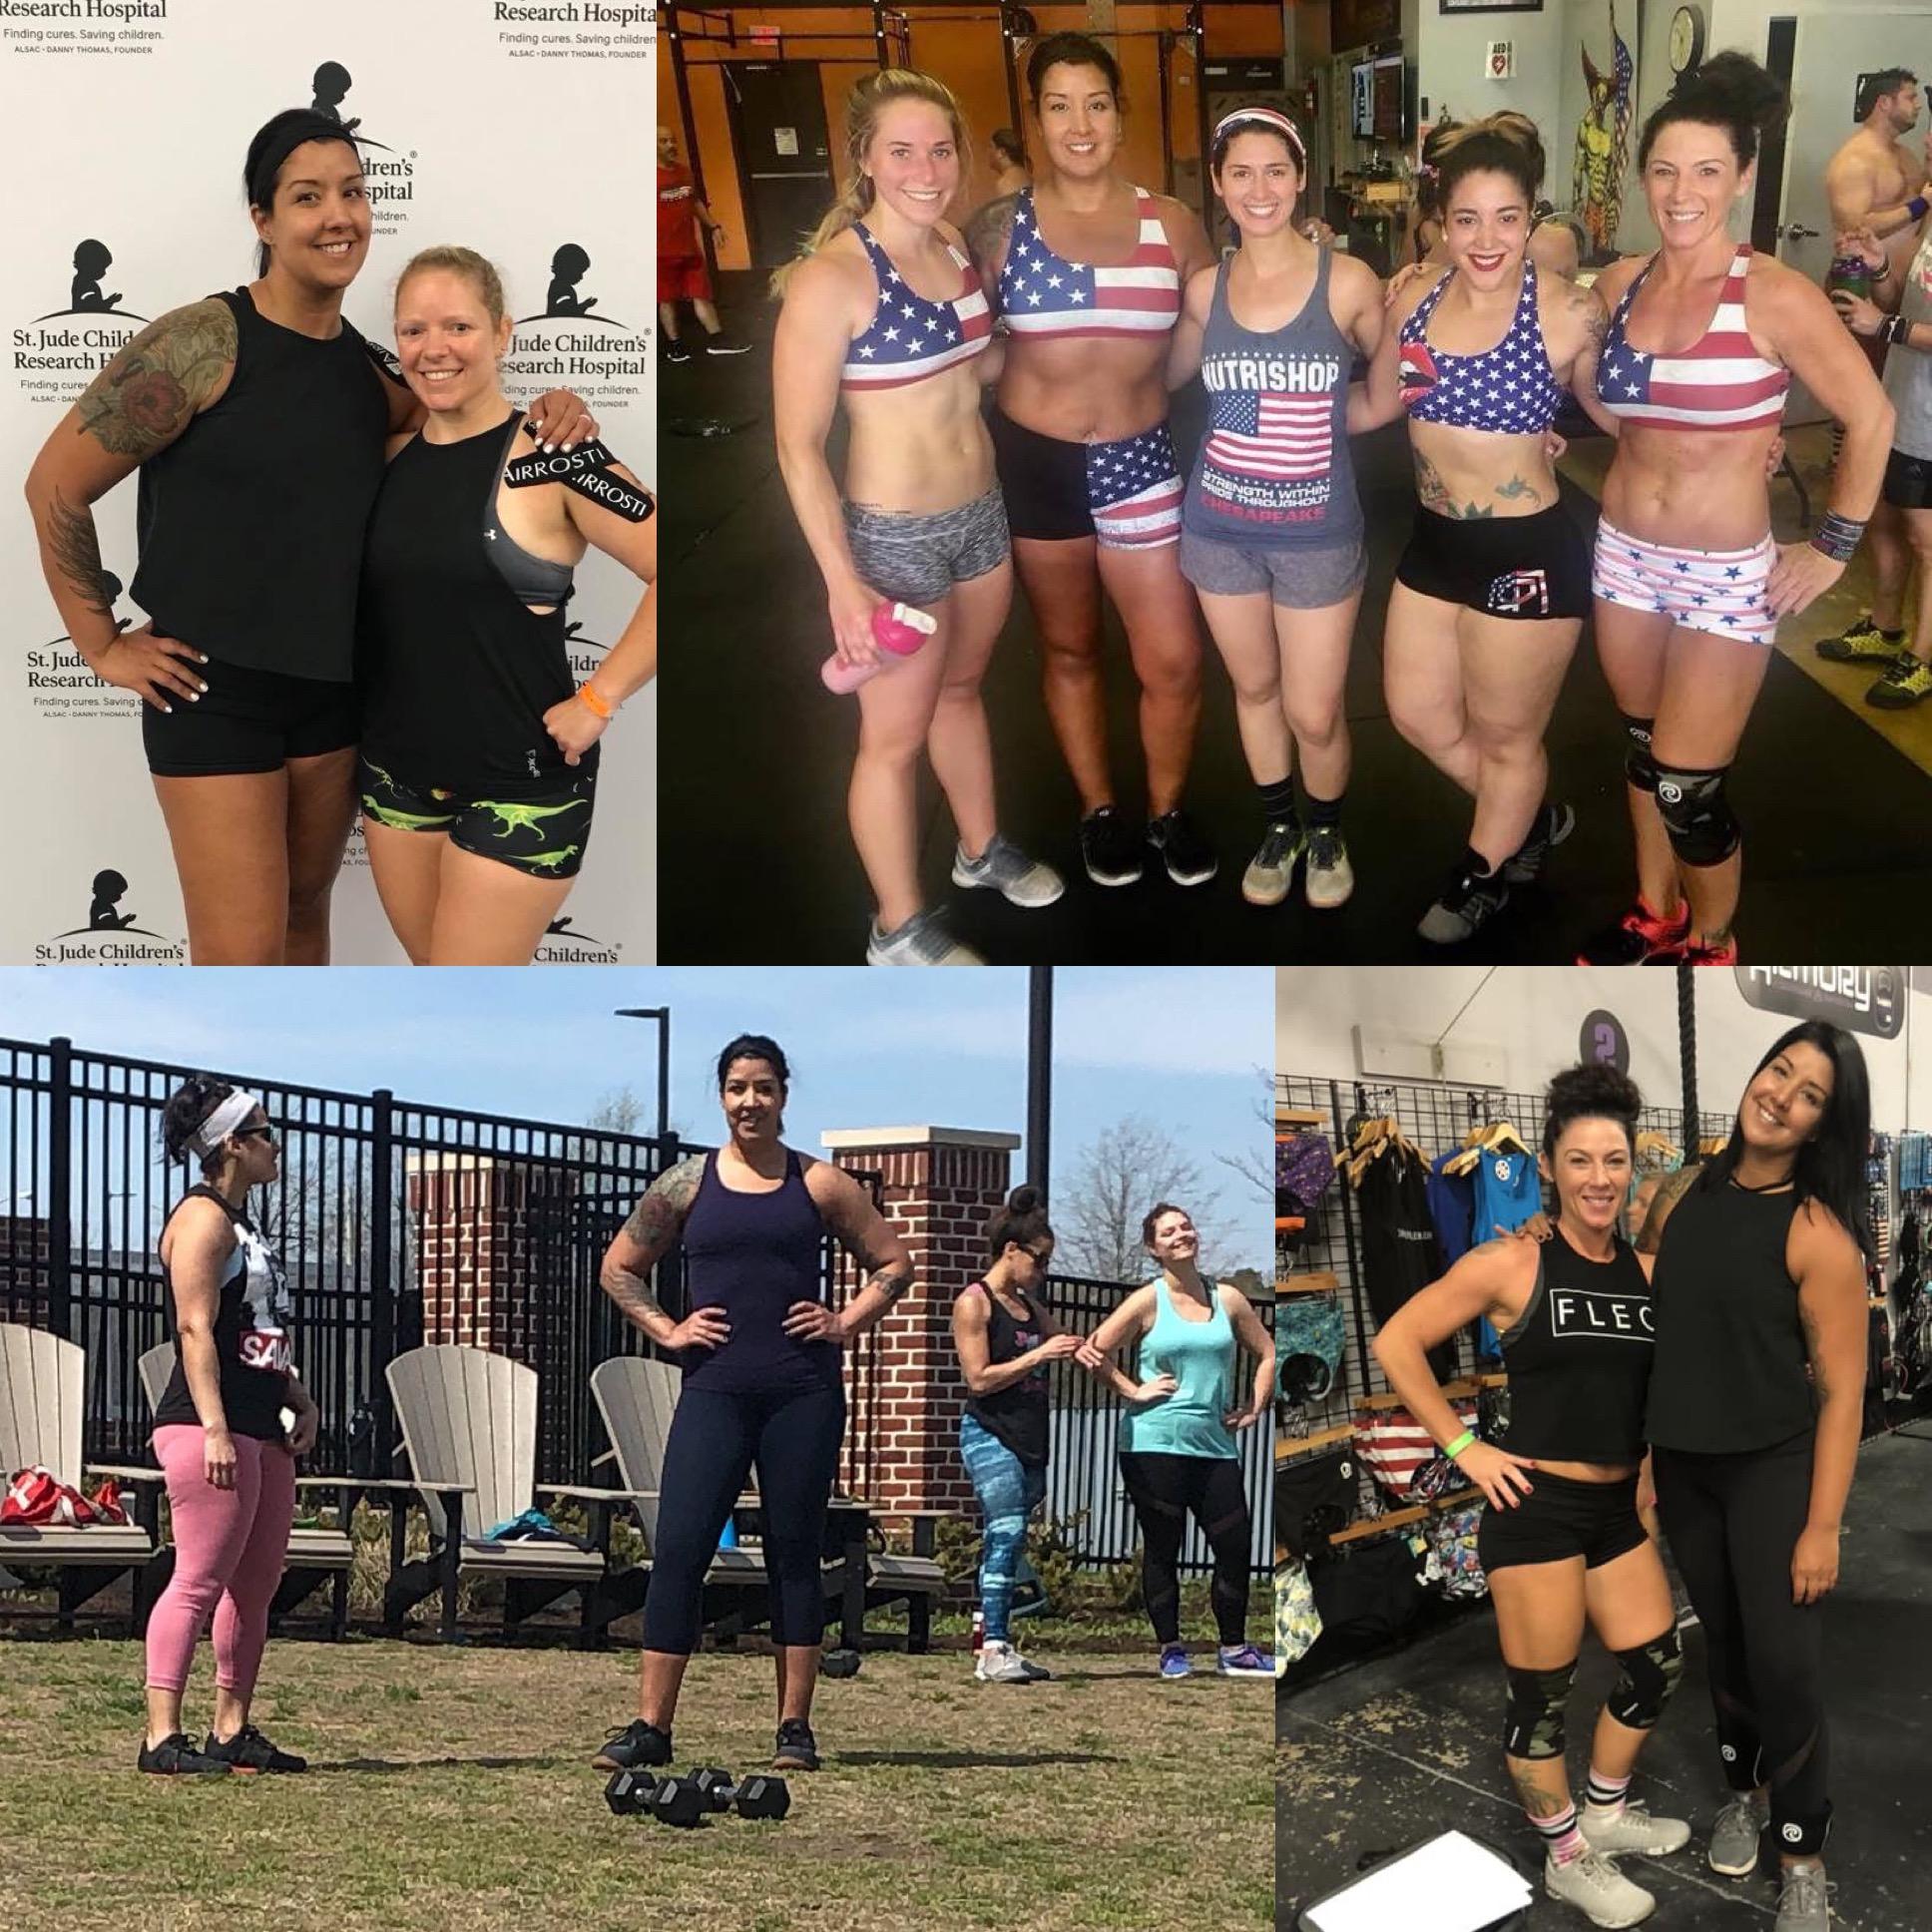 Top left: Compete For A Cure '19 w/ Erin, Kilo CrushFest '19 w/ Jamie, DBCF: w/ Julie, Lisa, Kim, Jamie